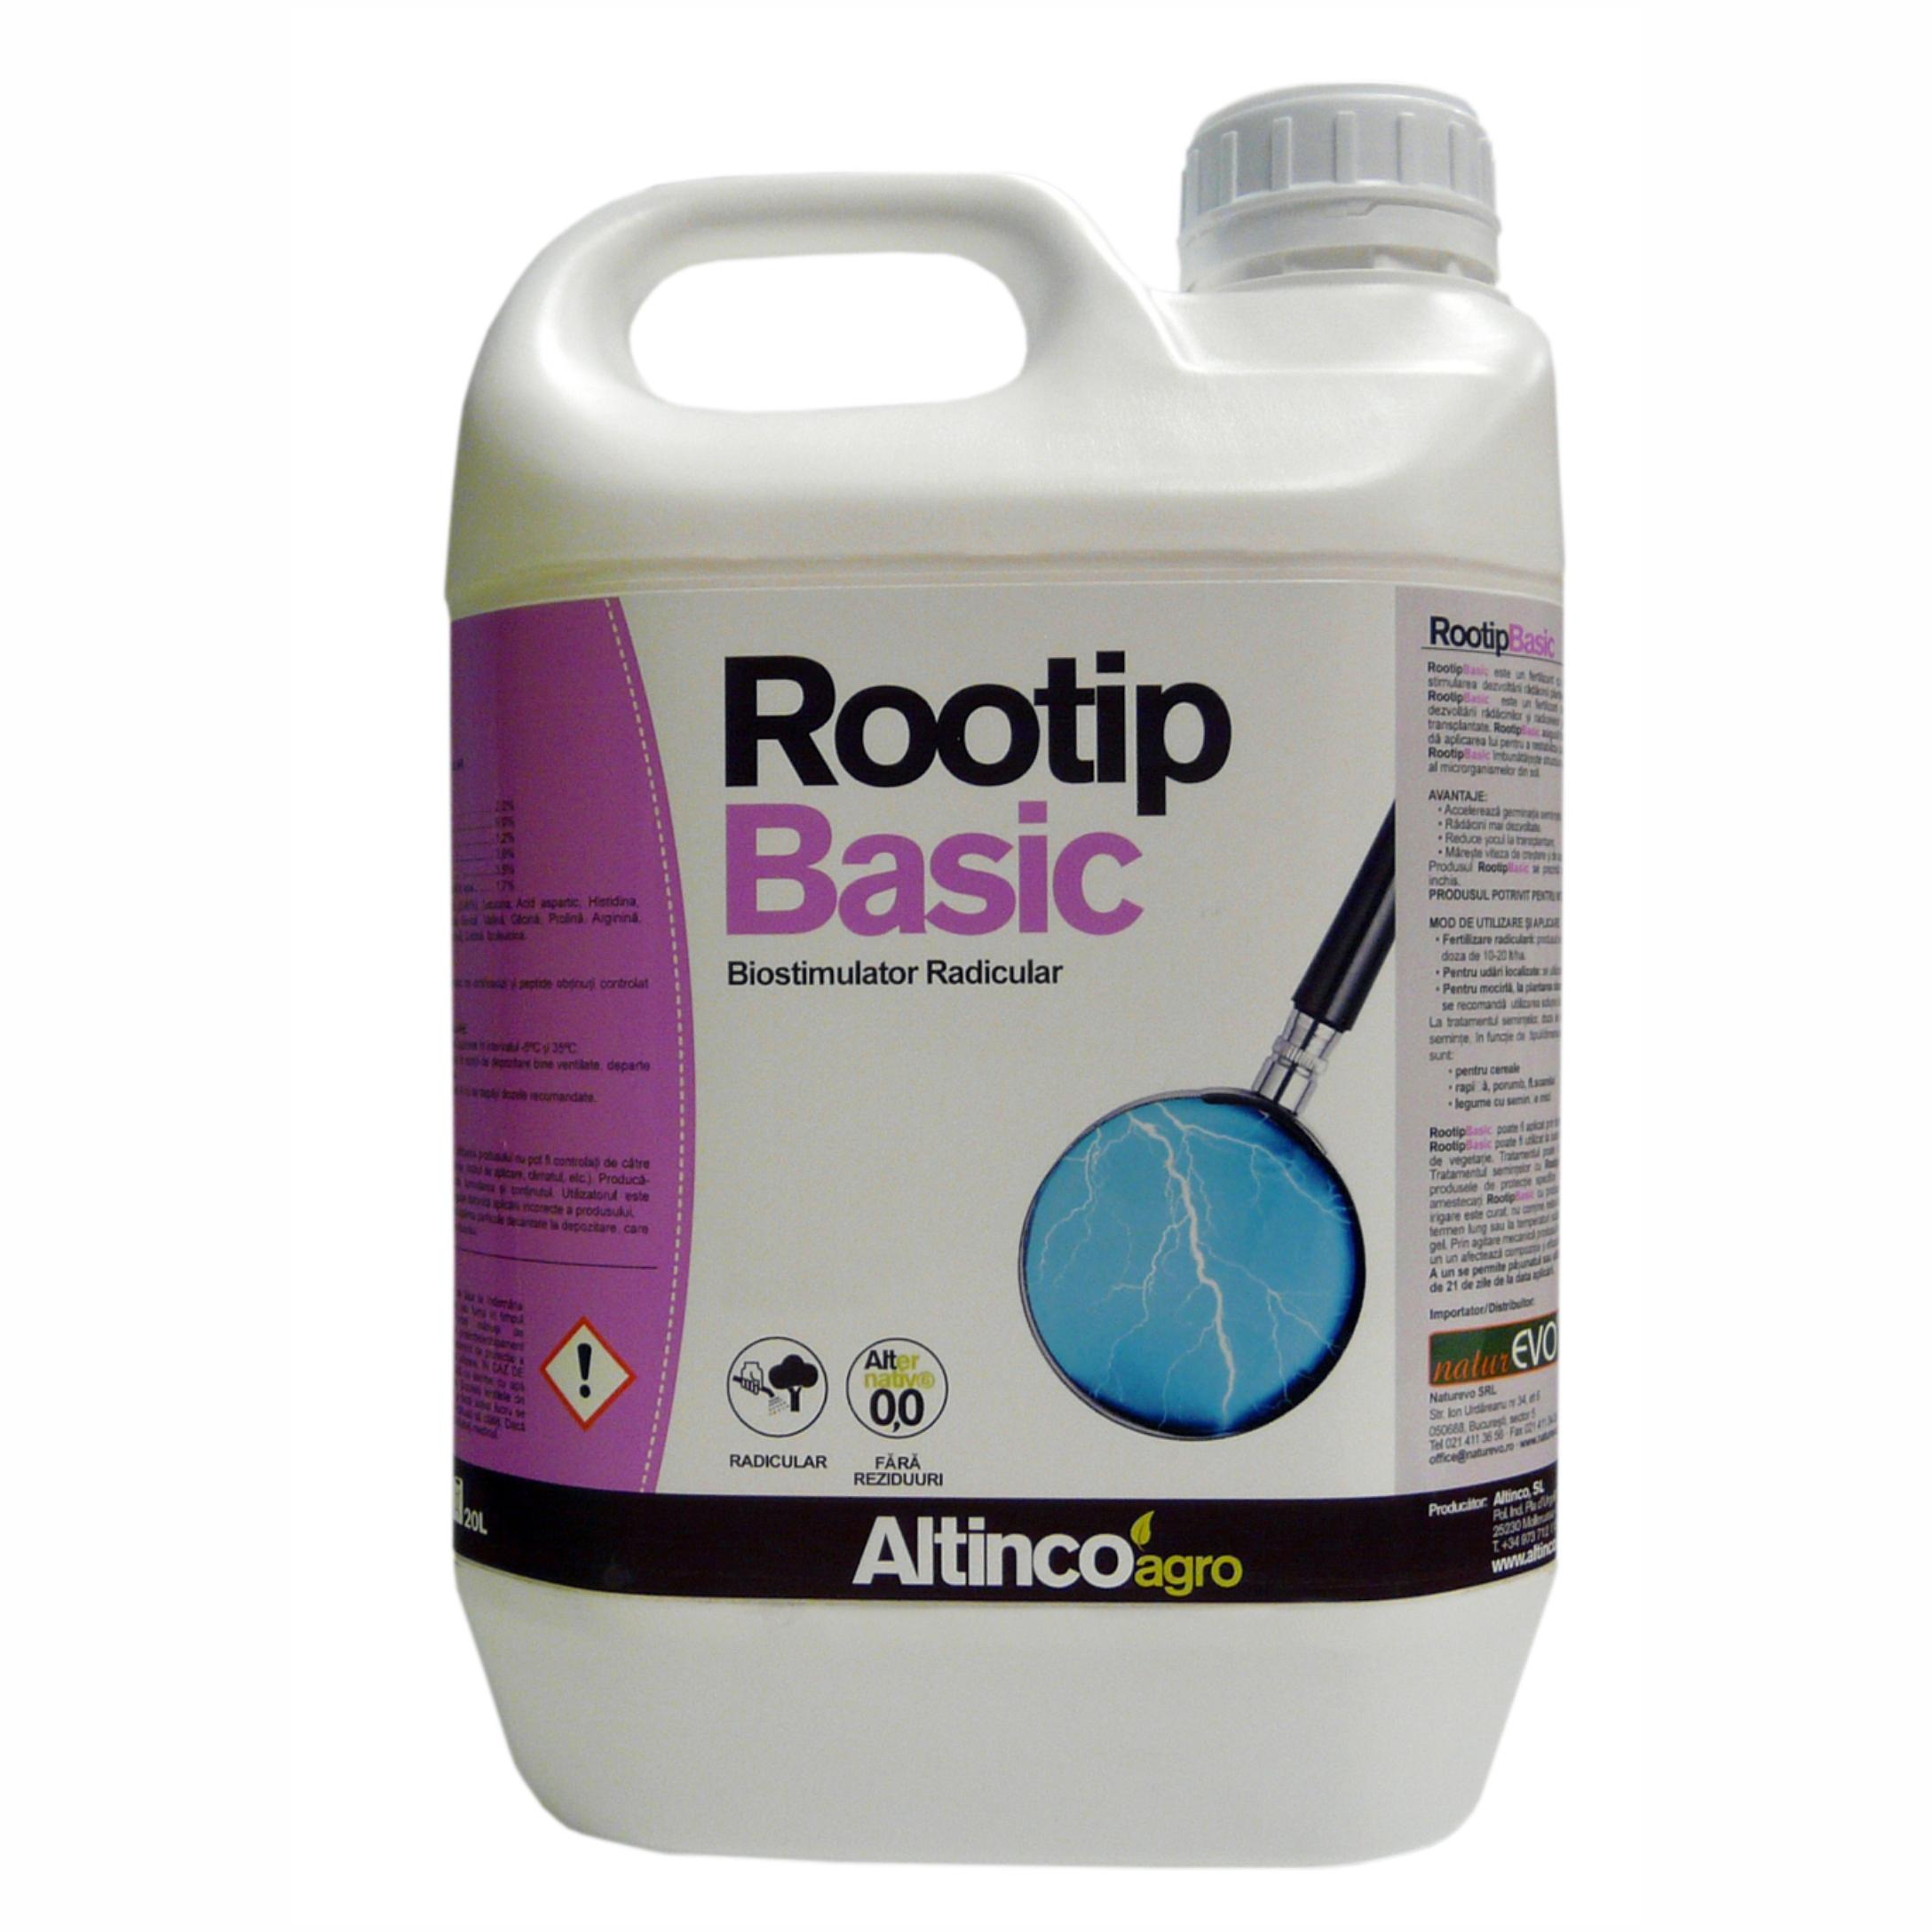 ROOTIP BASIC reprezintă o nouă generație de biostimulatori radiculari.